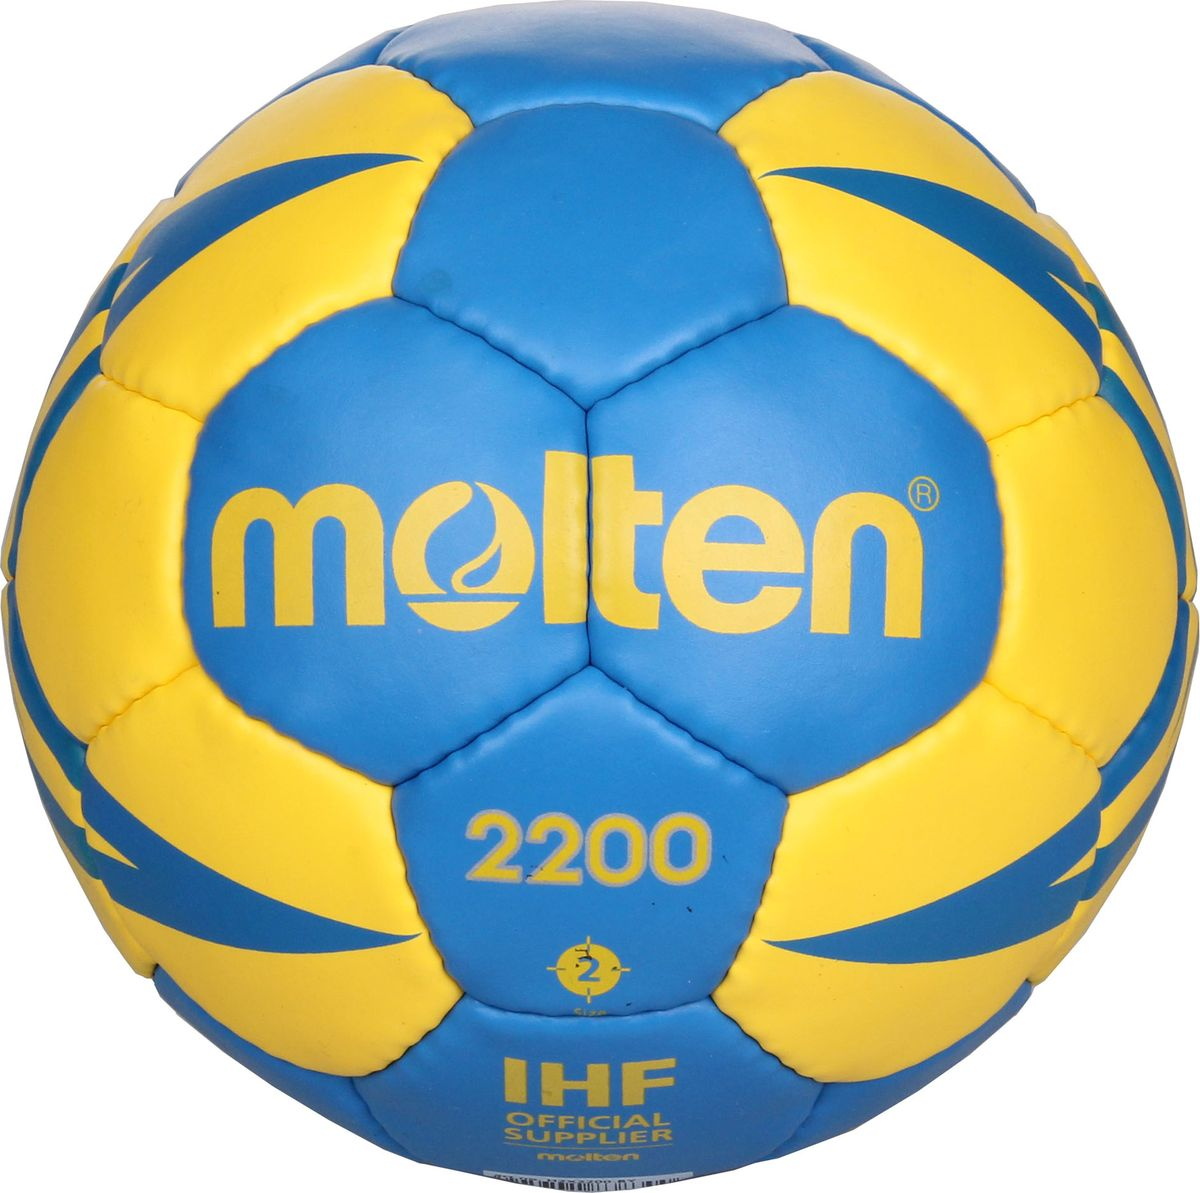 Мяч гандбольный Molten. Размер 2. H2X2200-BYH2X2200-BYТренировочный гандбольный мяч Molten 2200. Мягкая синтетическая кожа (полиуретан), 3 подкладочных слоя из синтетической ткани, слой пены для мягкости, латексная камера, ручная сшивка, 32 панели.